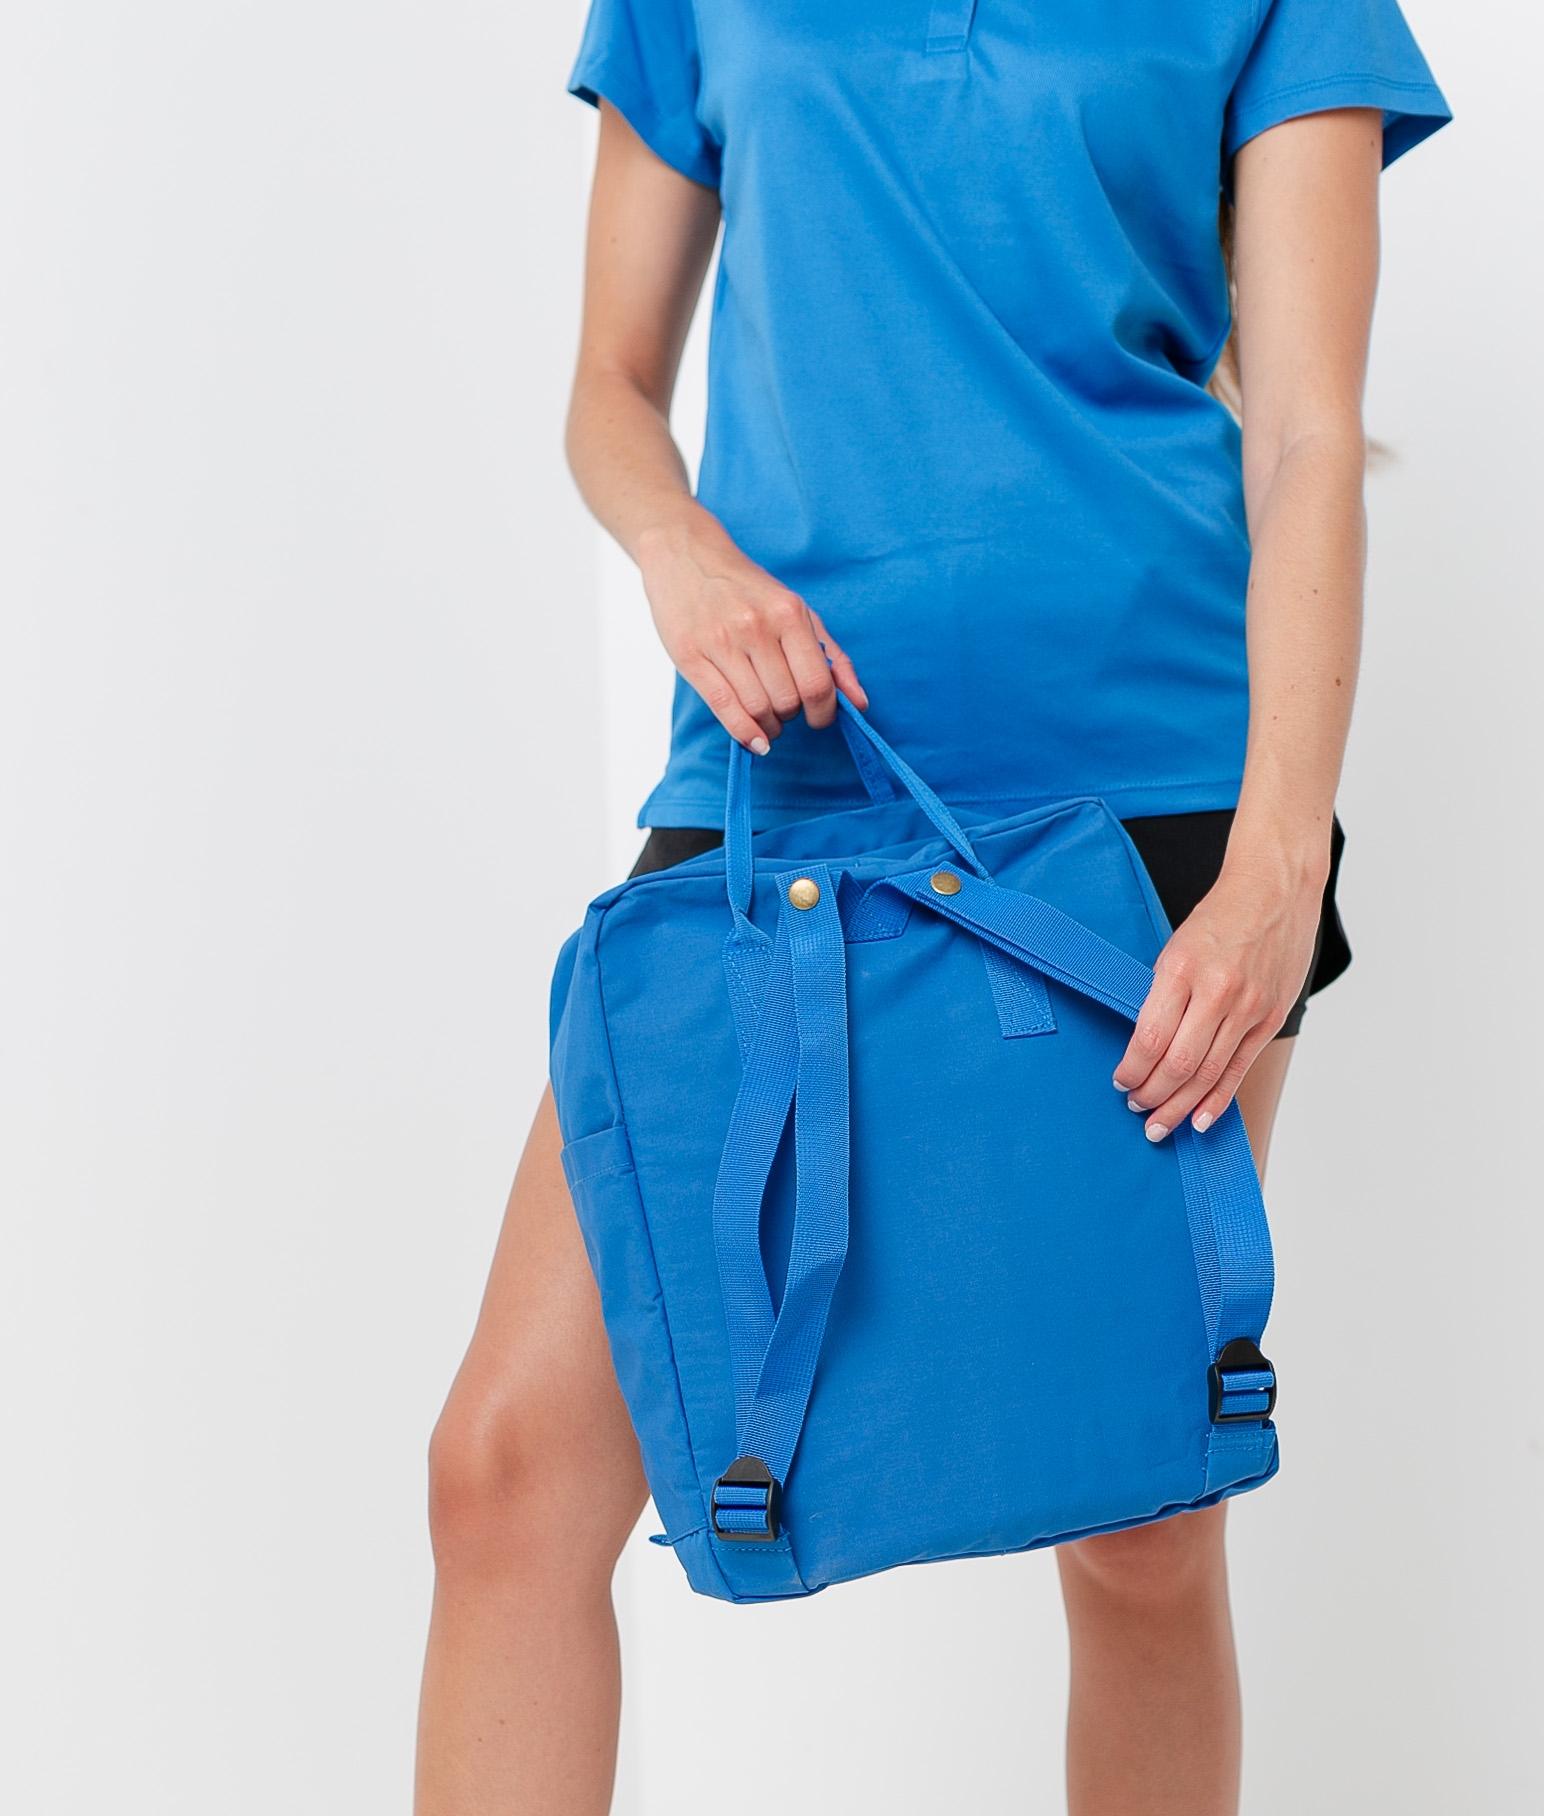 VERILO BACKPACK - KLEIN BLUE